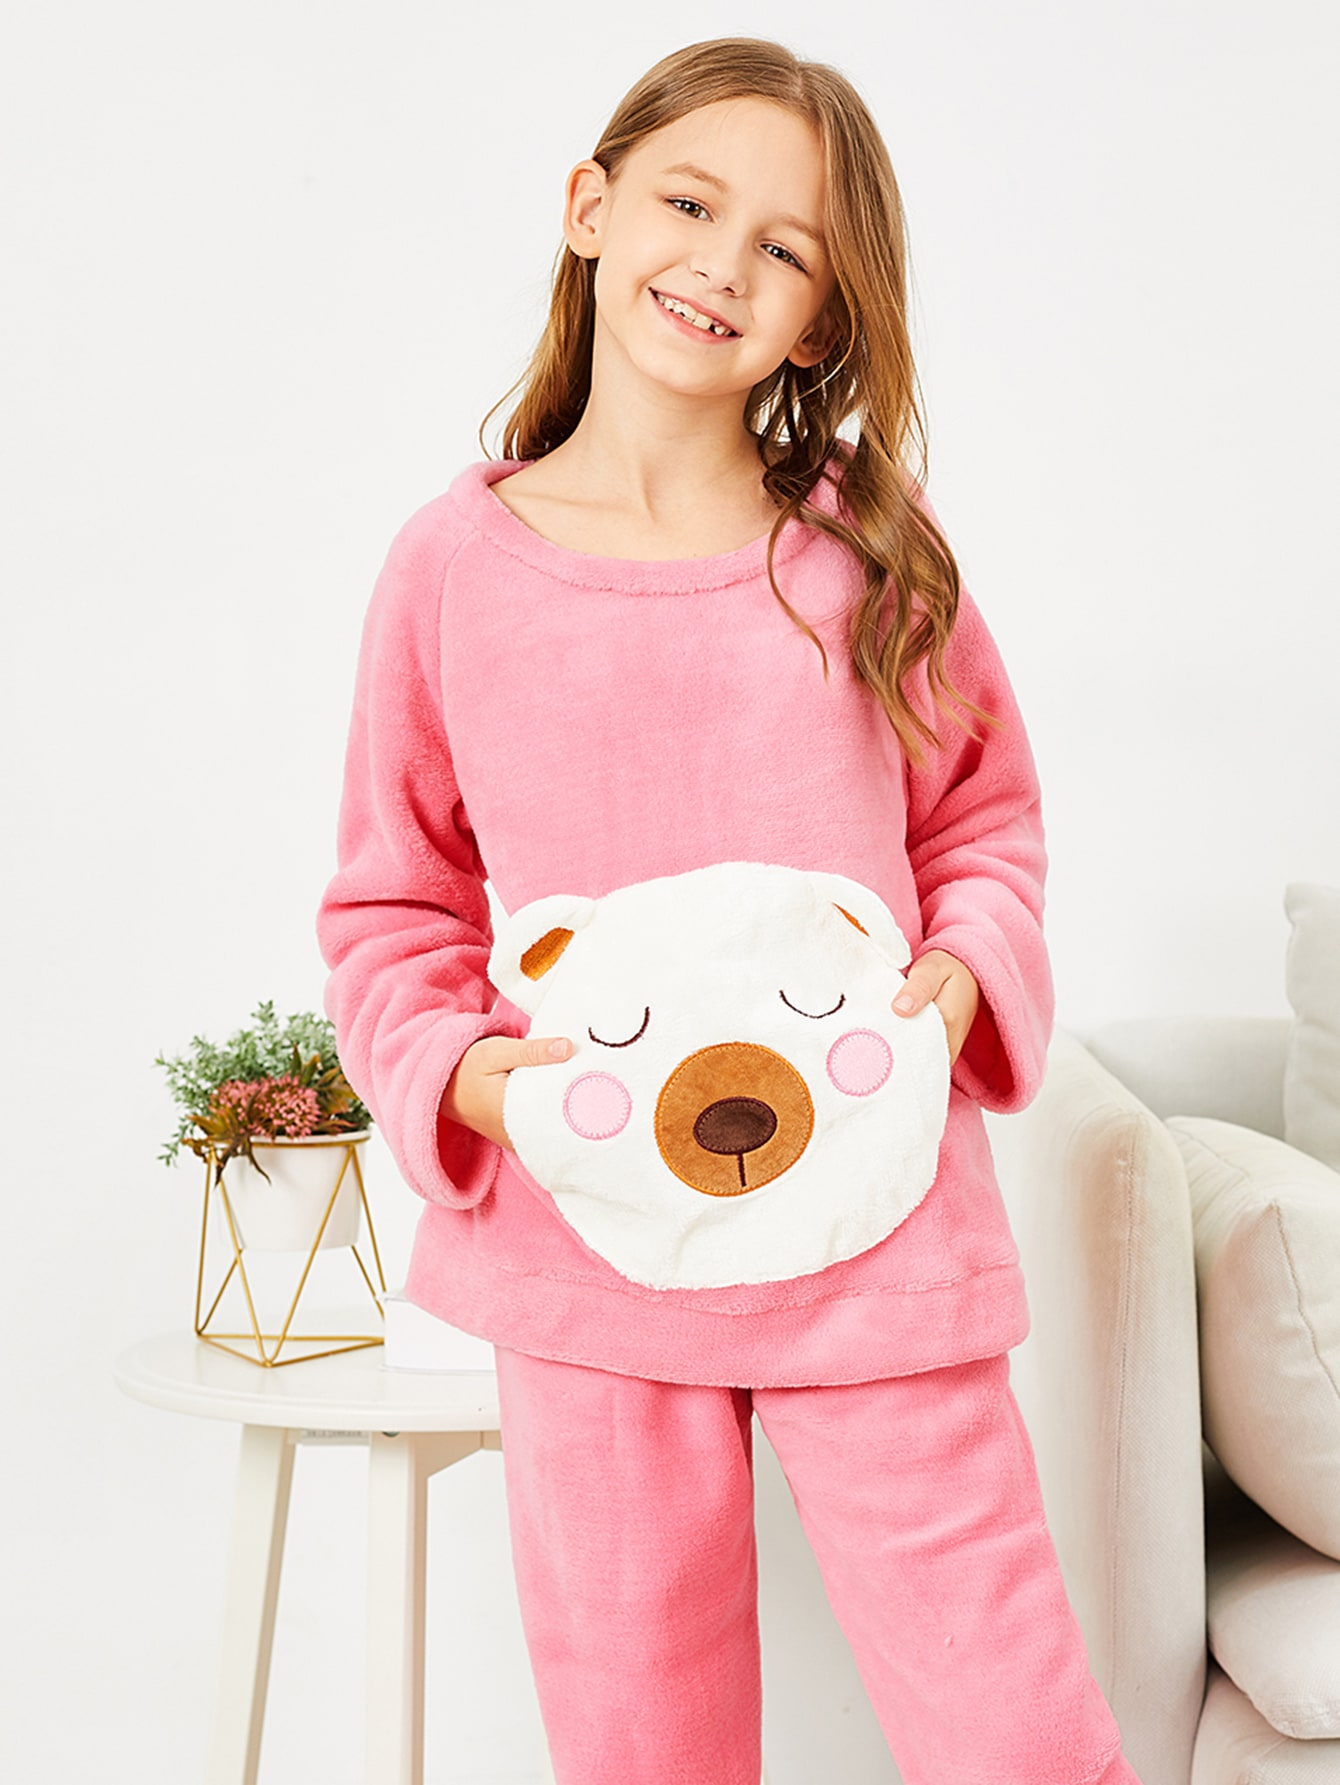 Пушистая пижама с принтом вышитого медведя для девочек от SheIn